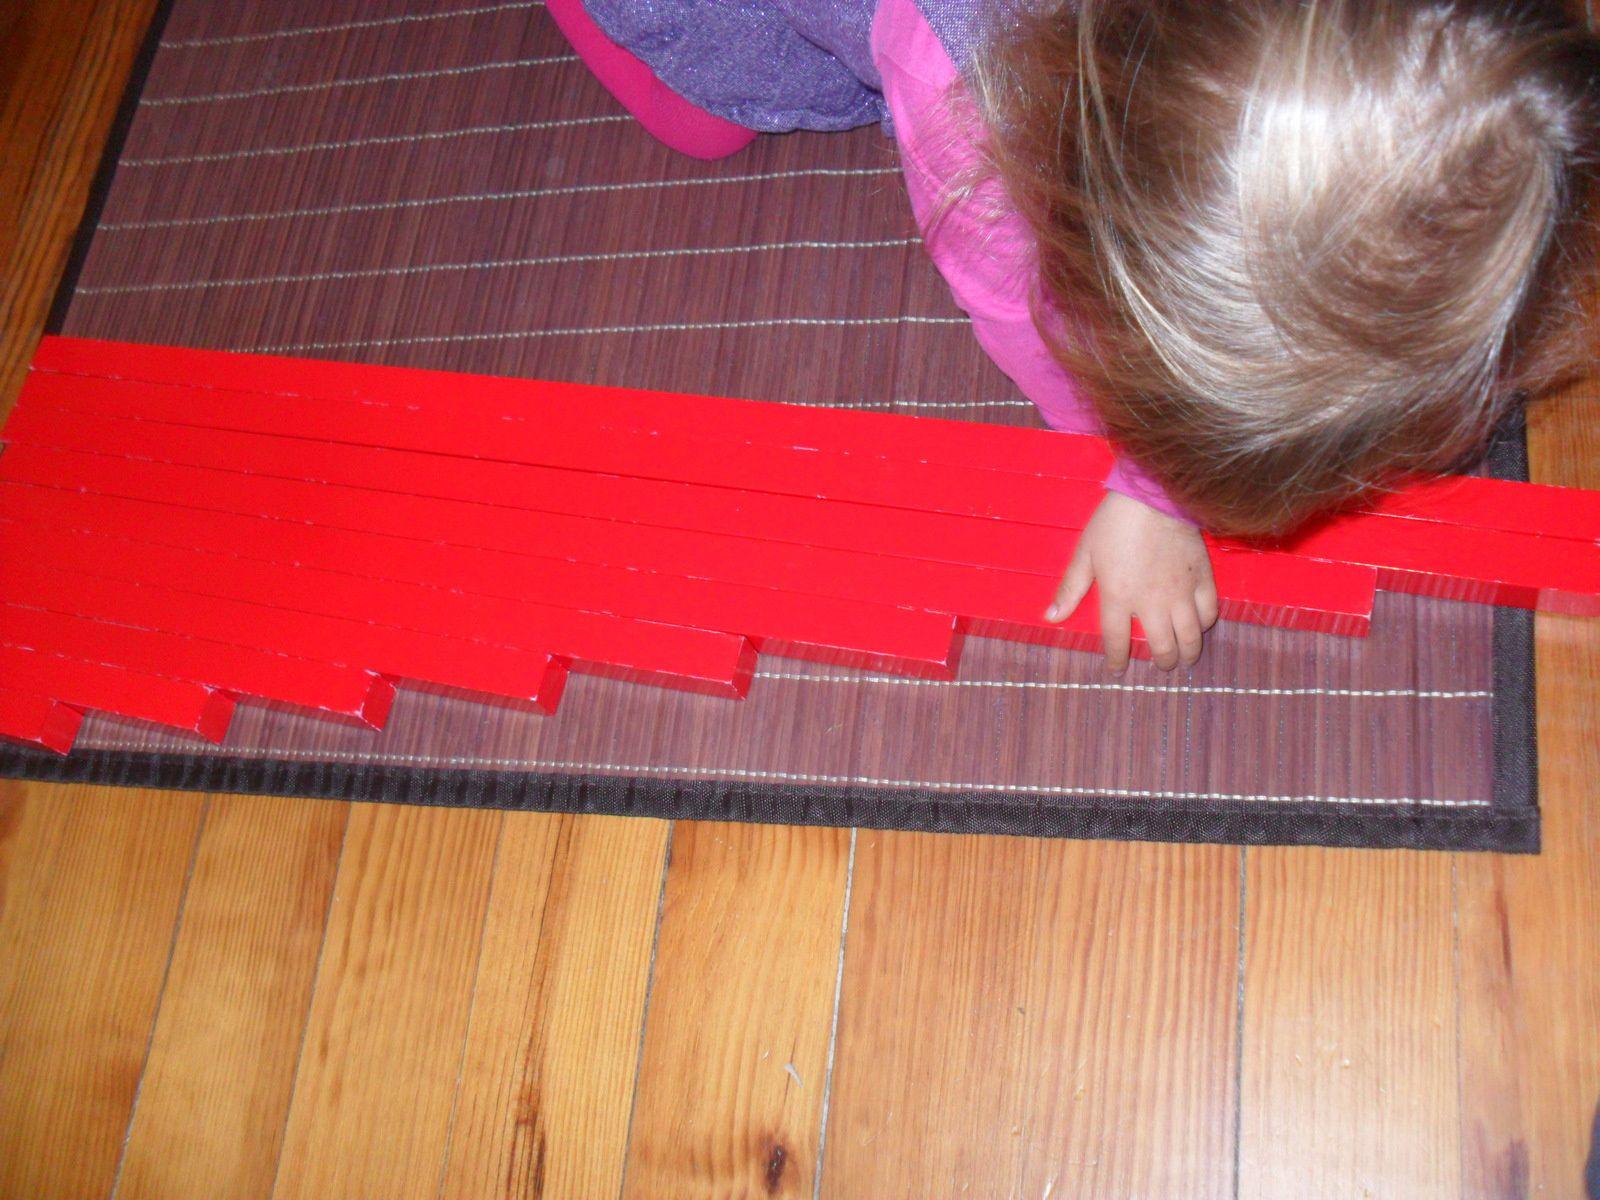 Elle vérifie son travail en faisant glisser sa main sur les barres rouges.